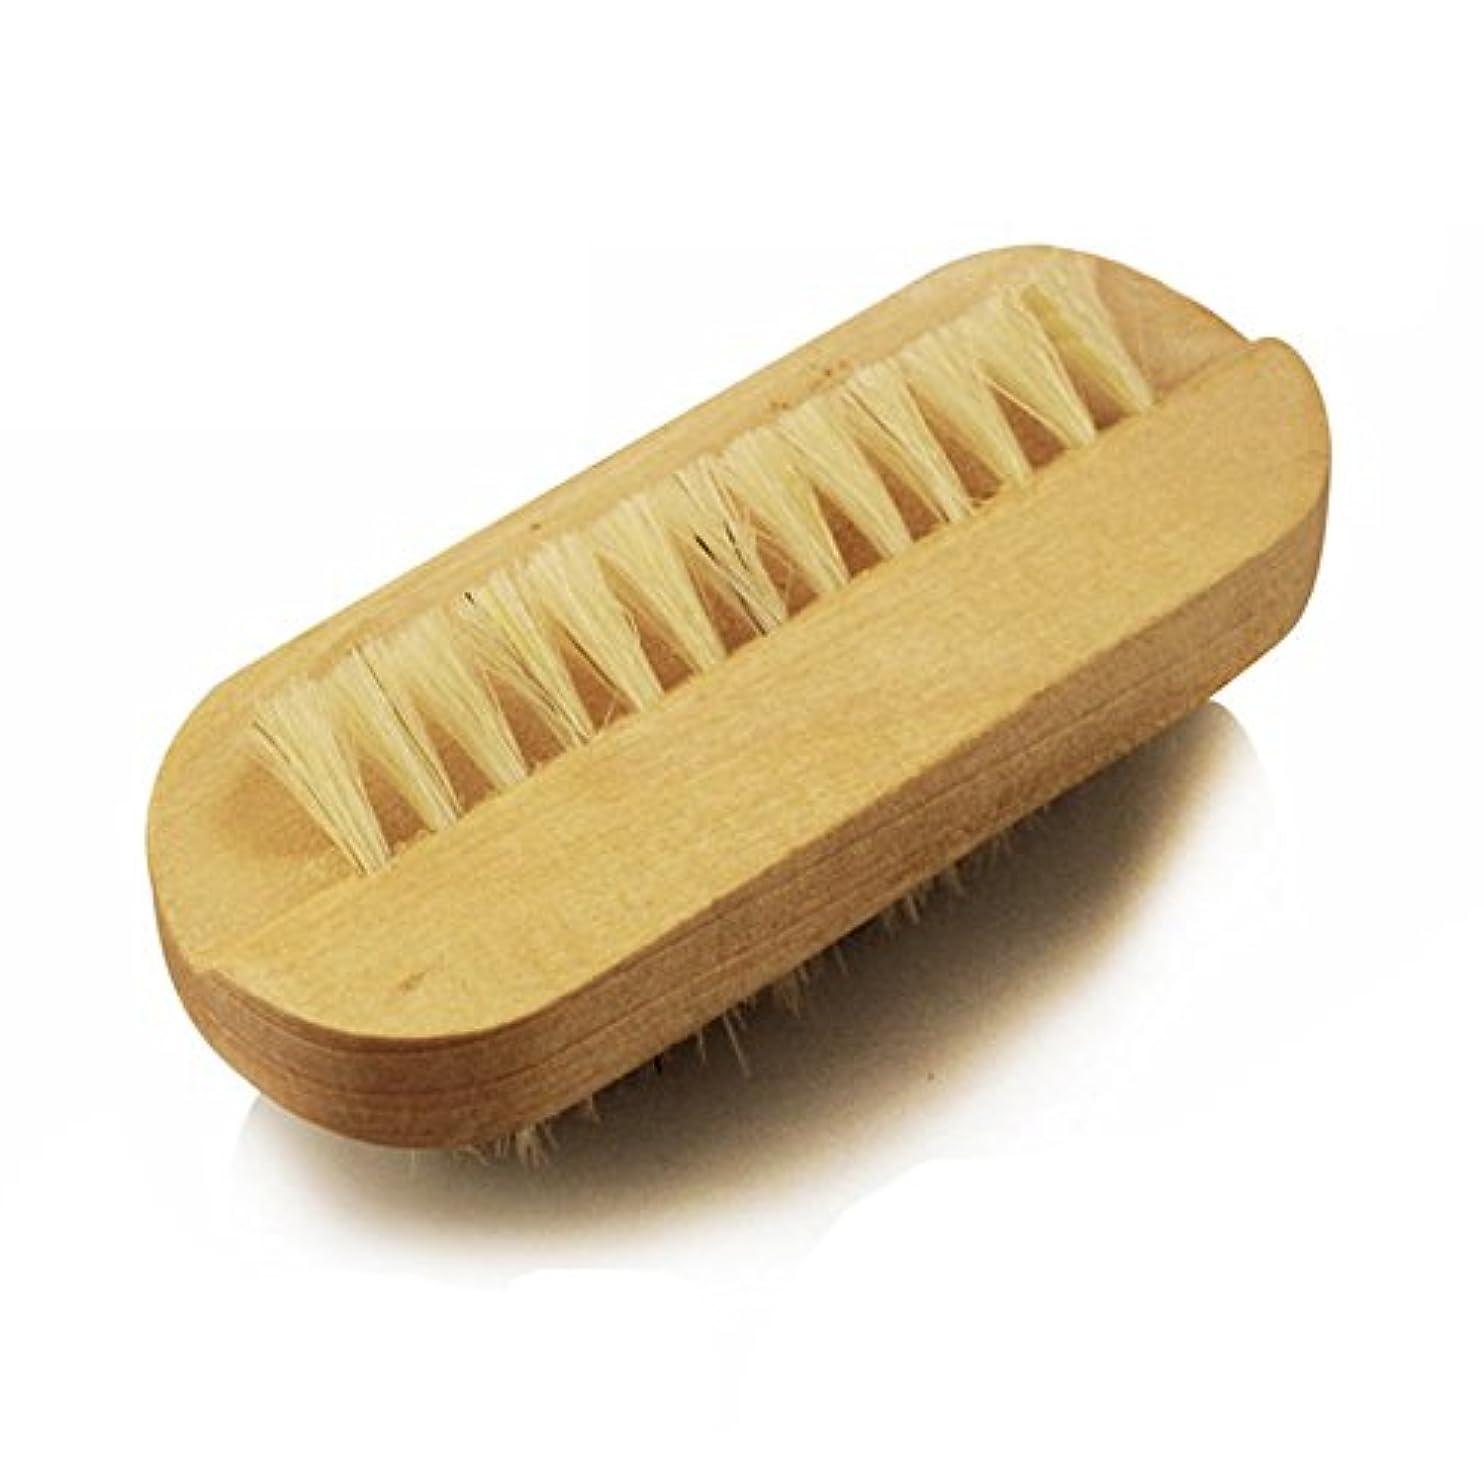 ダイバーふさわしい飽和するボディブラシ 木製ブラシ Hrph ネイルブラシ フットブラシ 足の裏ブラシ ネイルハンドブラシ 手洗いブラシ 爪ブラシ 木柄ブラシ 豚毛ブラシ マッサージャー セルライト除去 角質除去